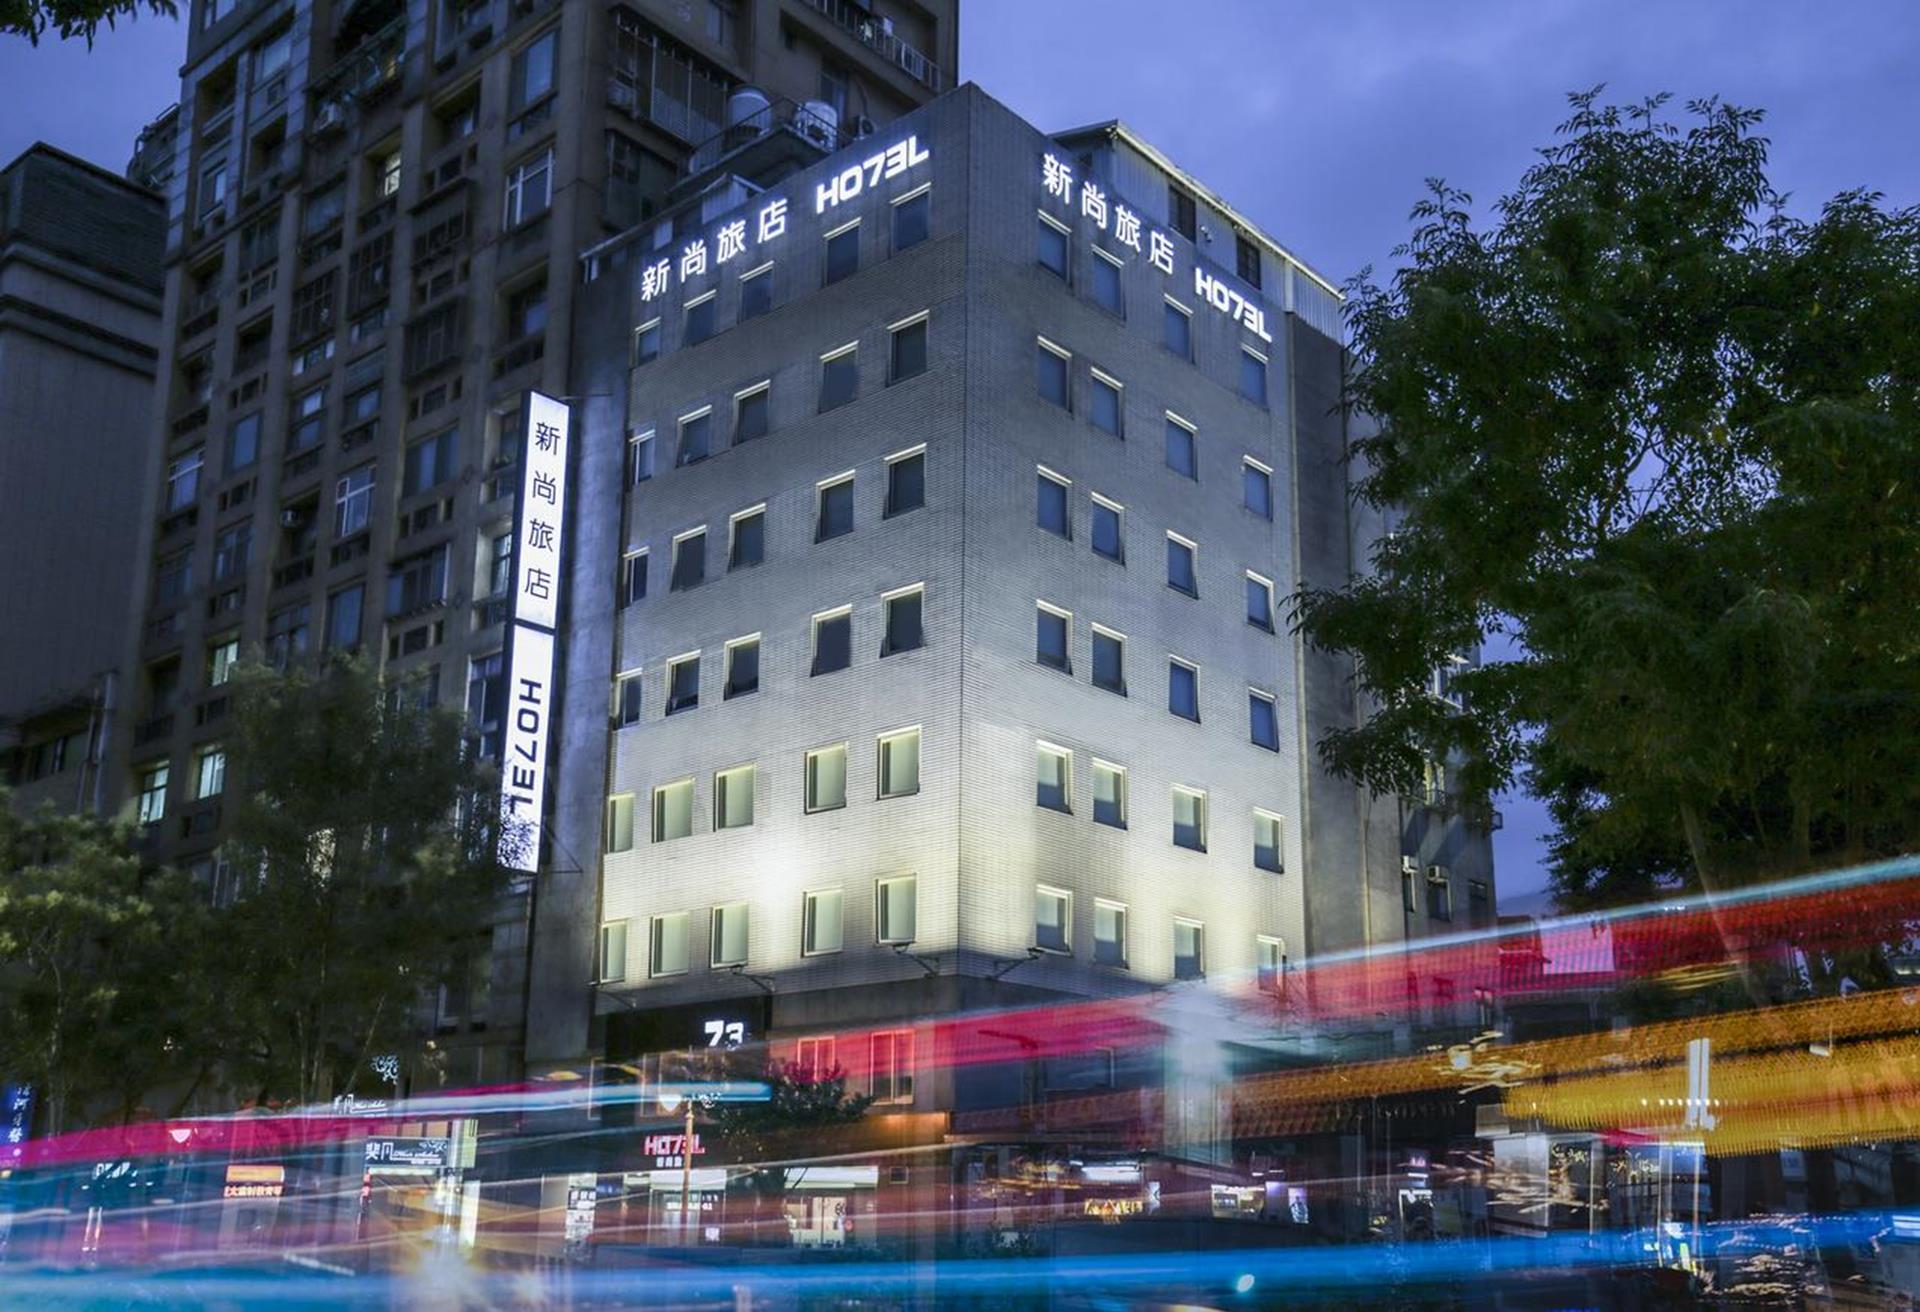 新尚旅店,台北捷運住宿,台北 捷運 飯店,台北 捷運住宿